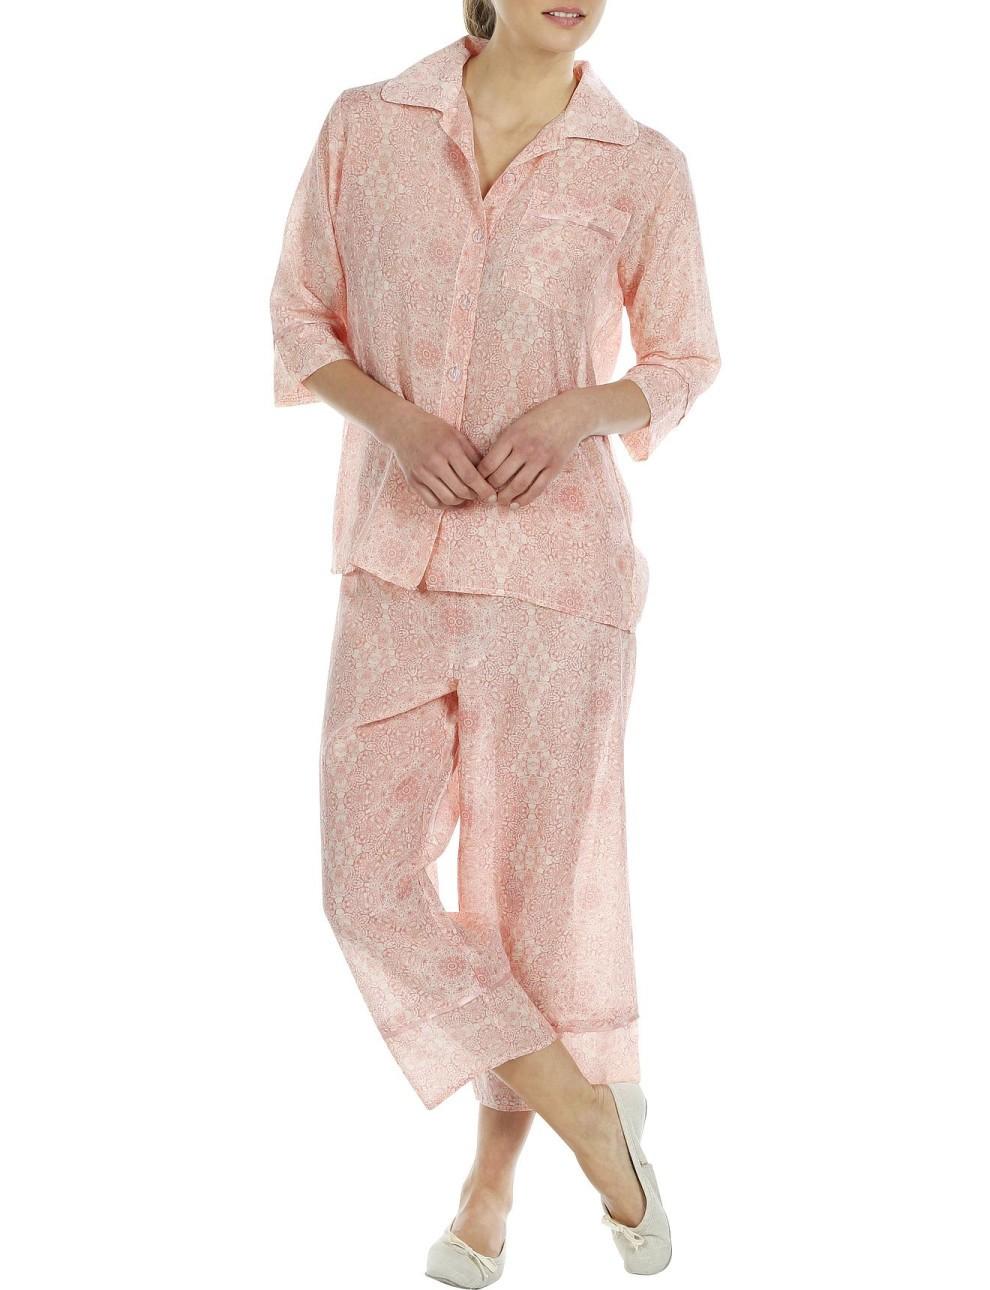 Pink Printed Top And 3/4 Pant Nightwear